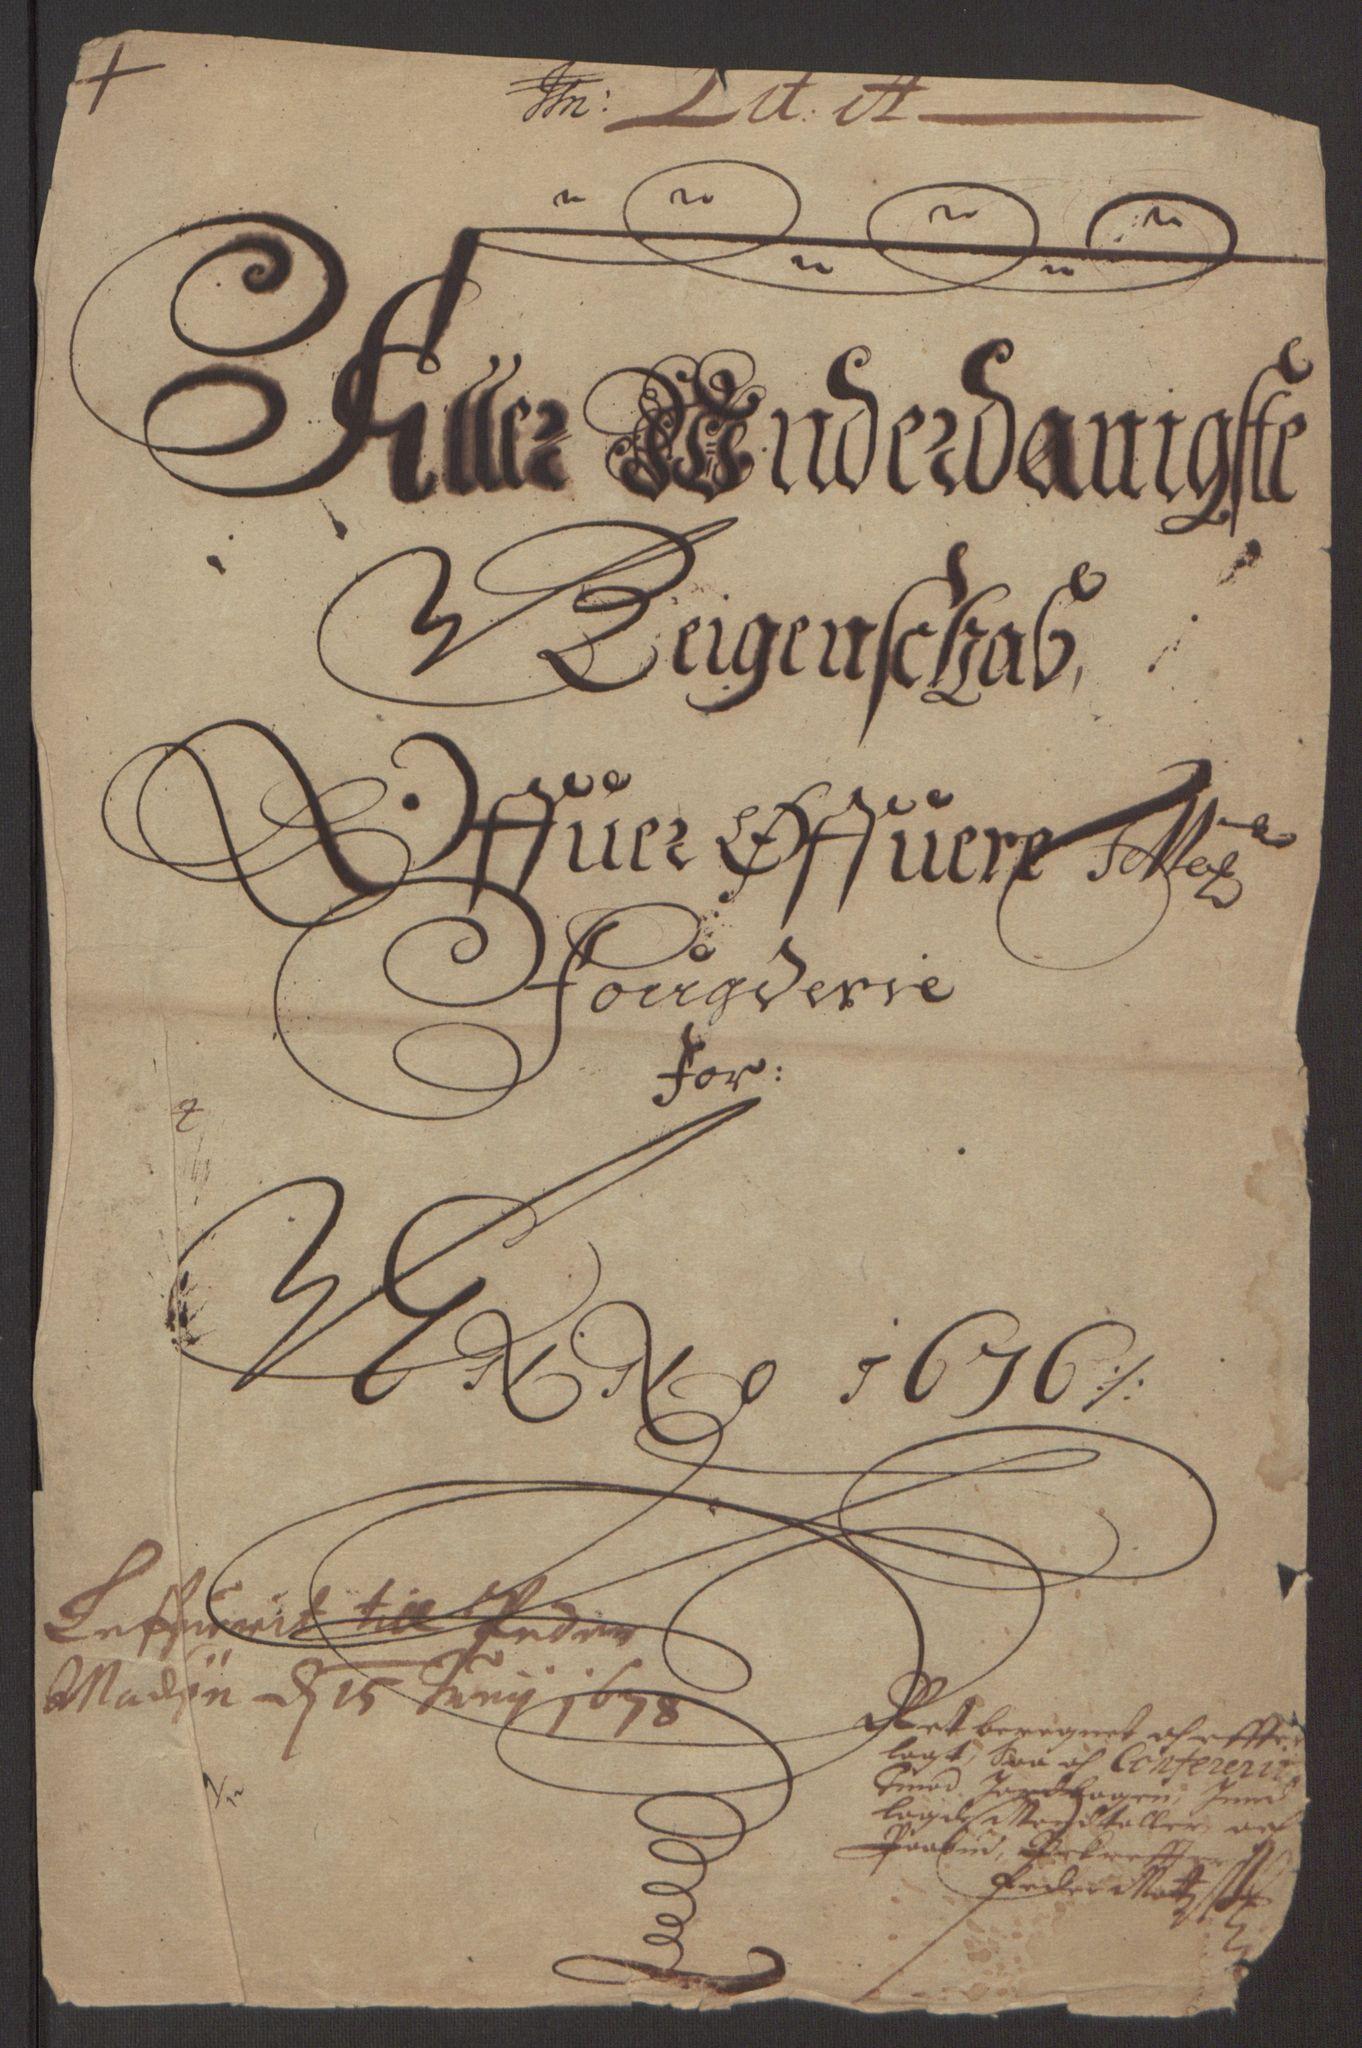 RA, Rentekammeret inntil 1814, Reviderte regnskaper, Fogderegnskap, R35/L2065: Fogderegnskap Øvre og Nedre Telemark, 1676, s. 3